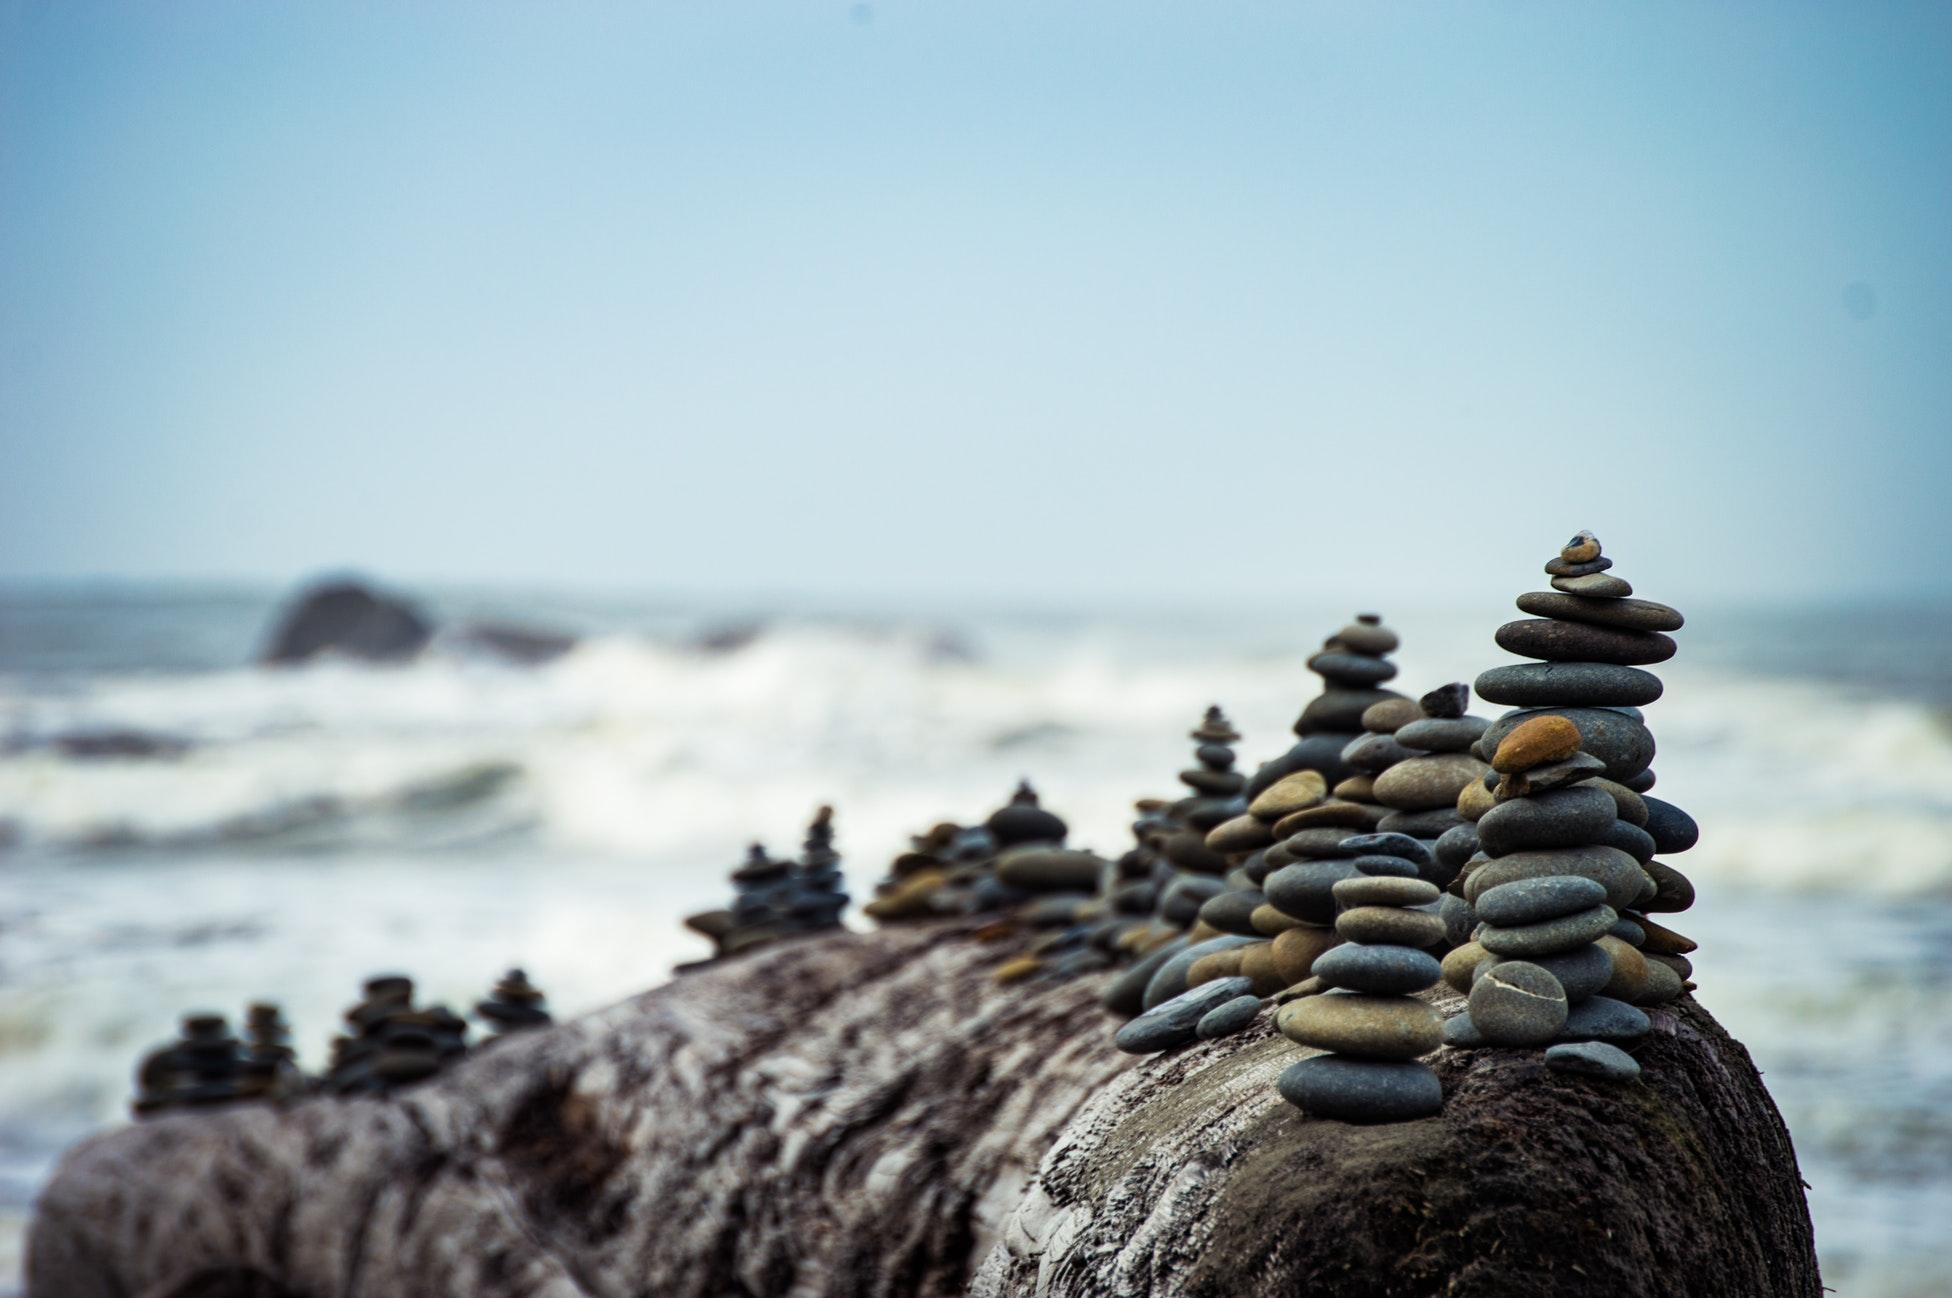 Timpul se comprimă, dar Universul ramane in echilibru